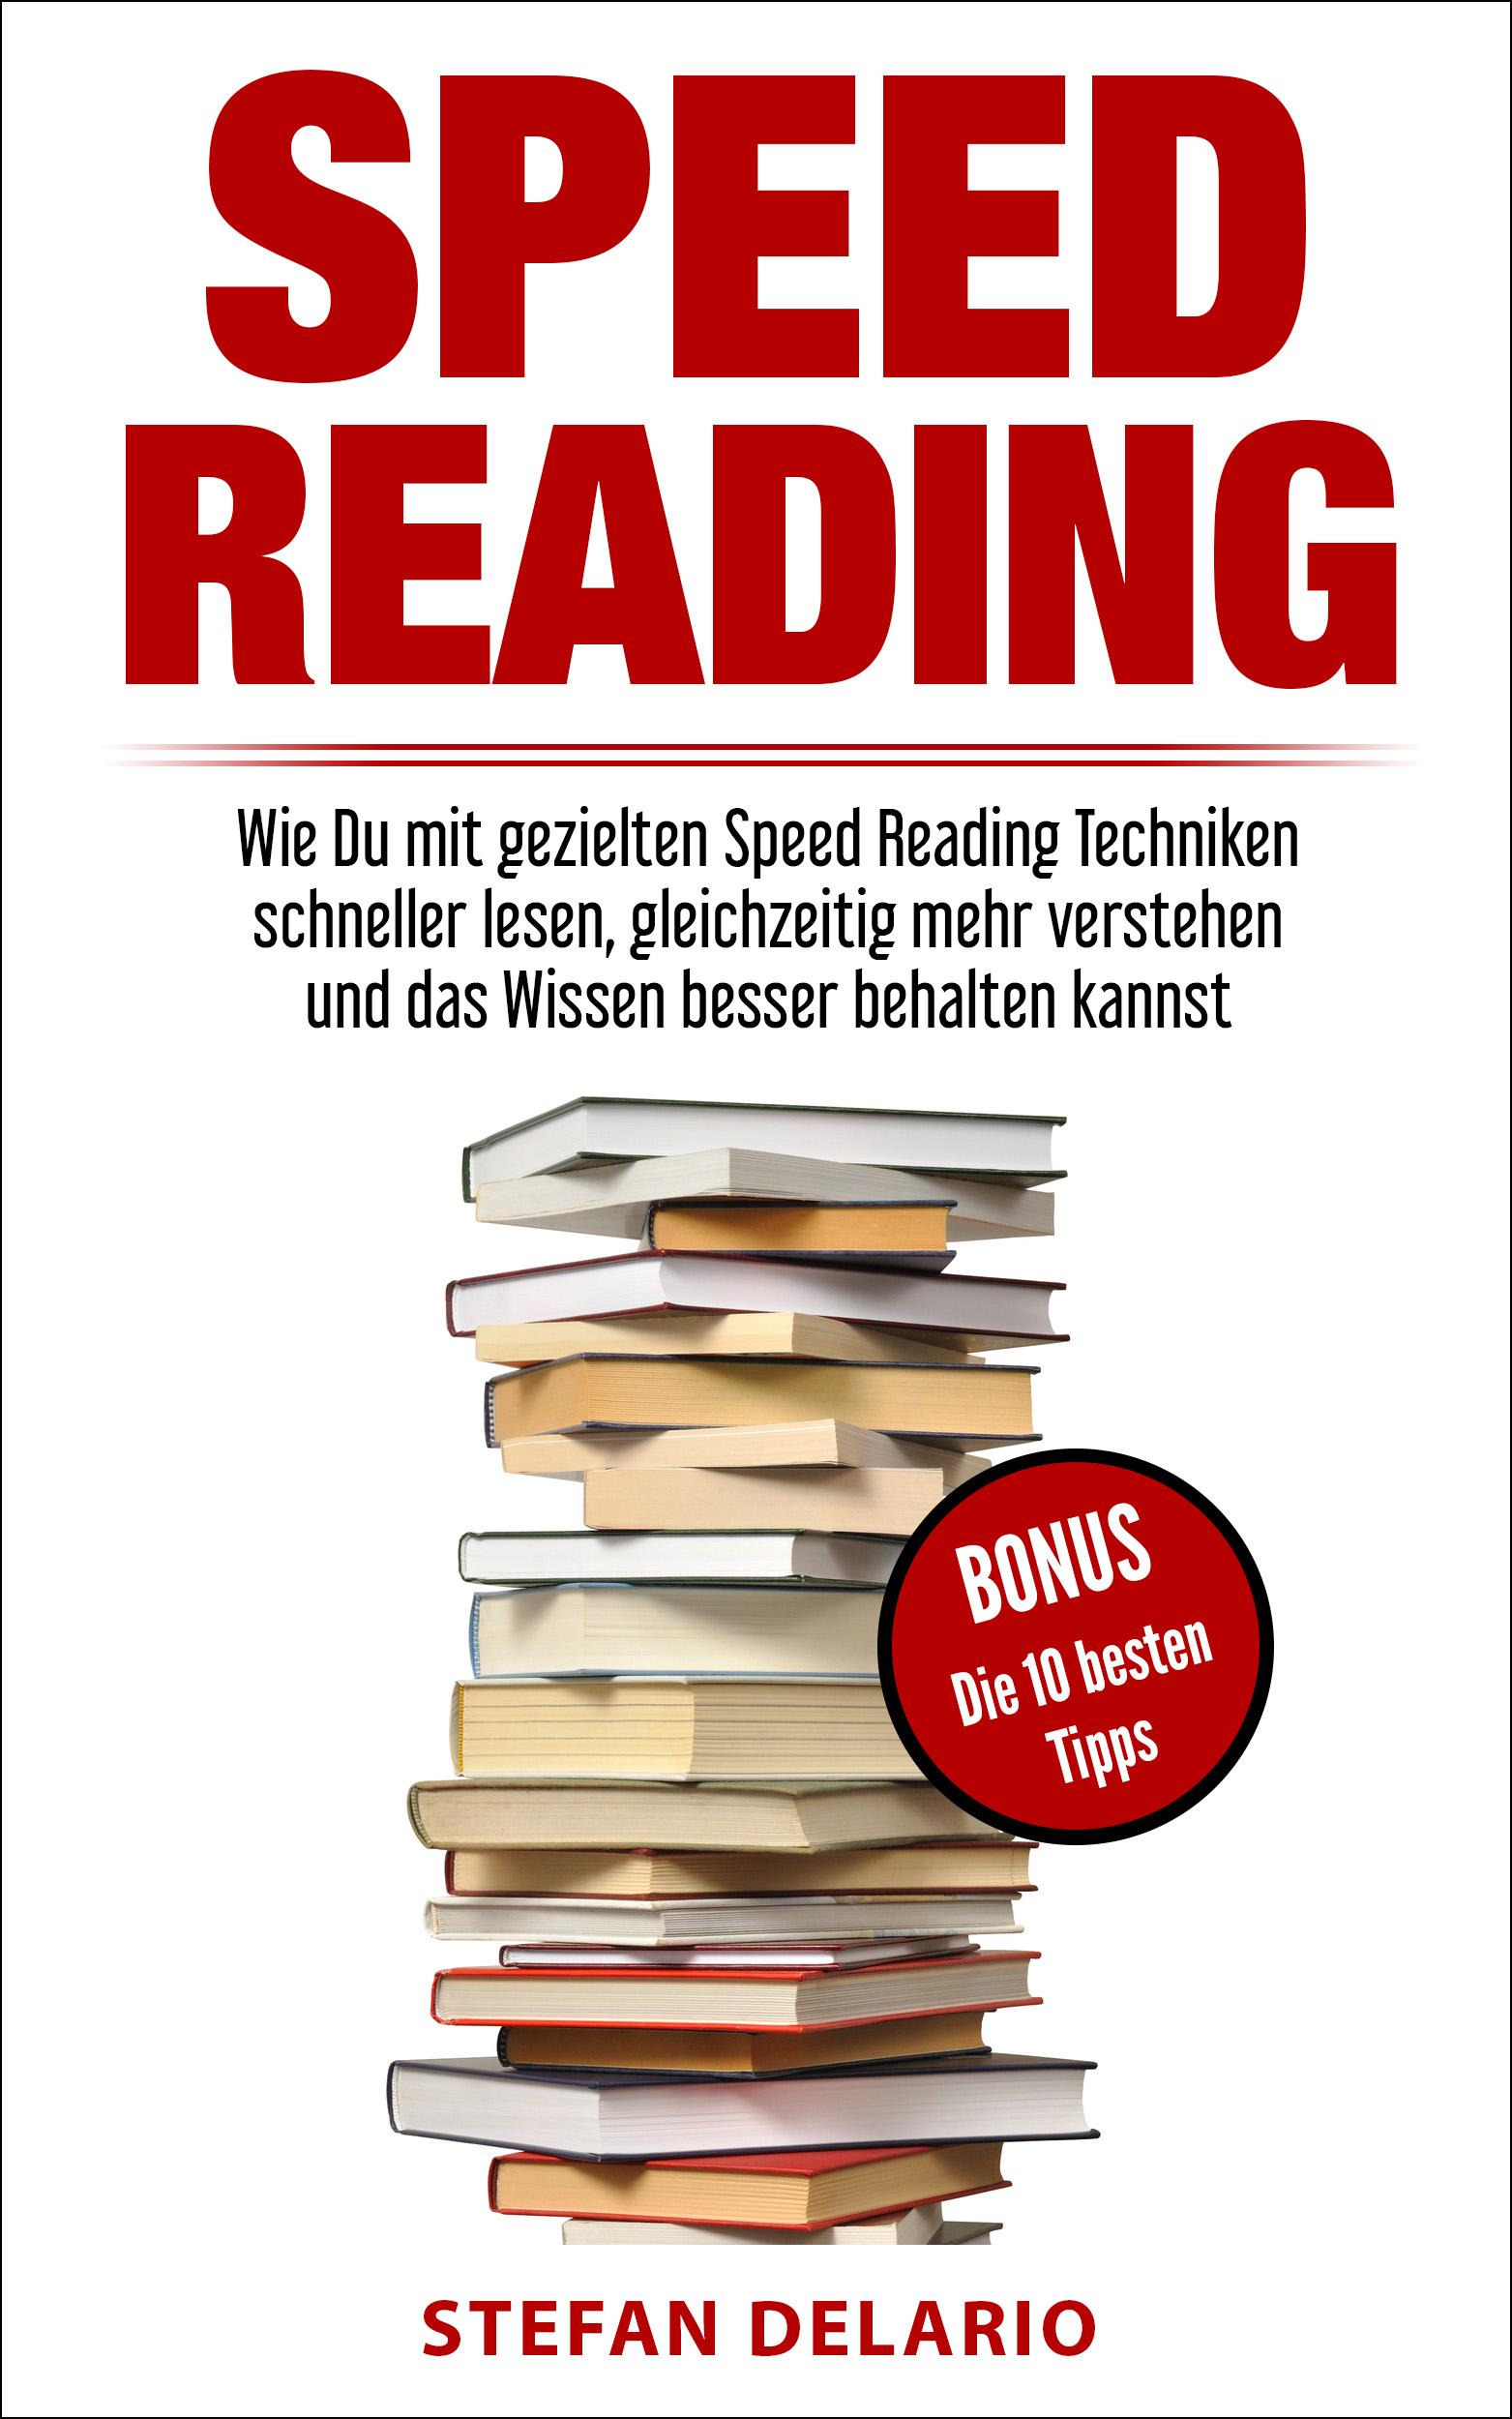 Stefan Delario – Speed Reading: Wie Du mit gezielten Speed Reading Techniken schneller lesen, gleichzeitig mehr verstehen und das Wissen besser behalten kannst